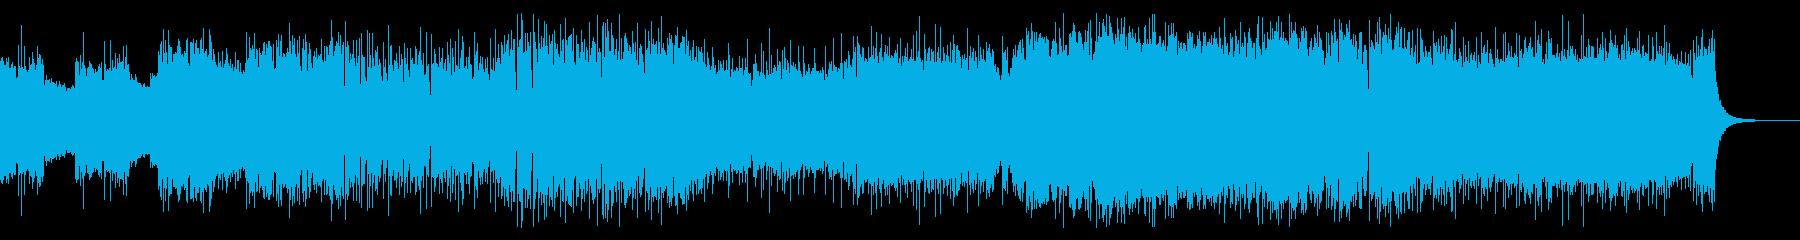 スリリングでプログレッシブなハードロックの再生済みの波形